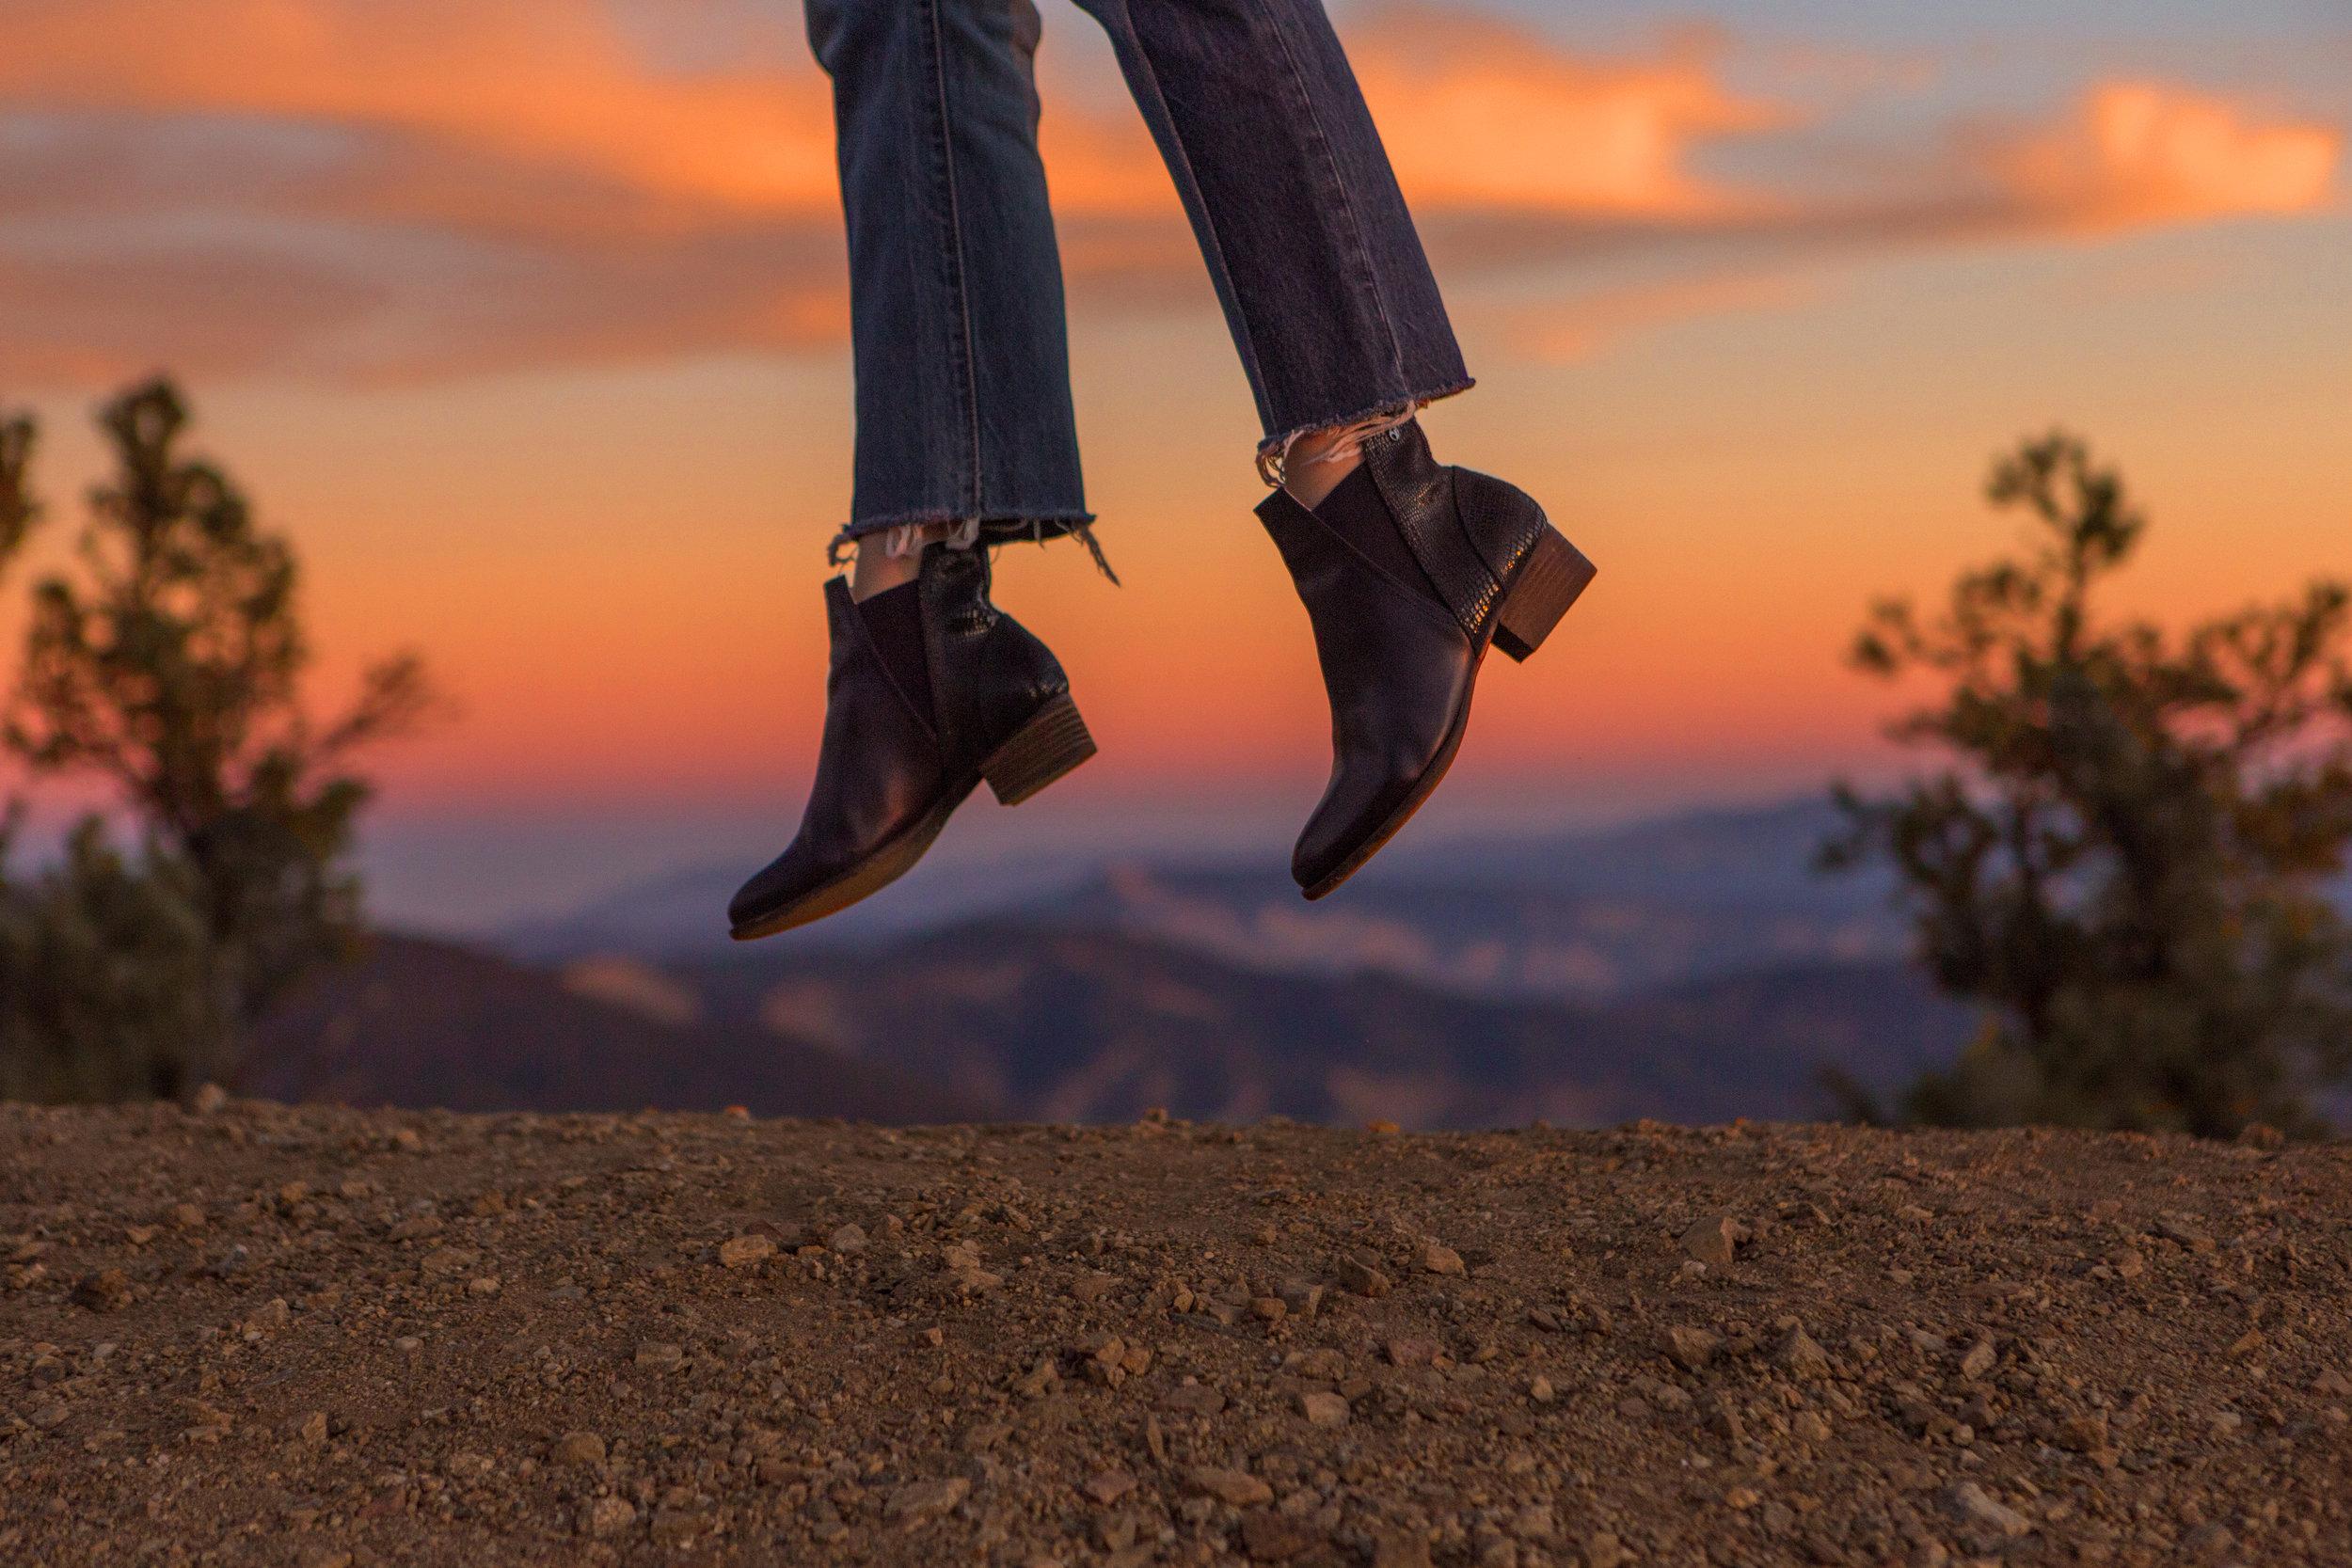 AstroBandit_JordanRose_Revere_Sunset_Bike_Ride_California_Mountains_5.jpg